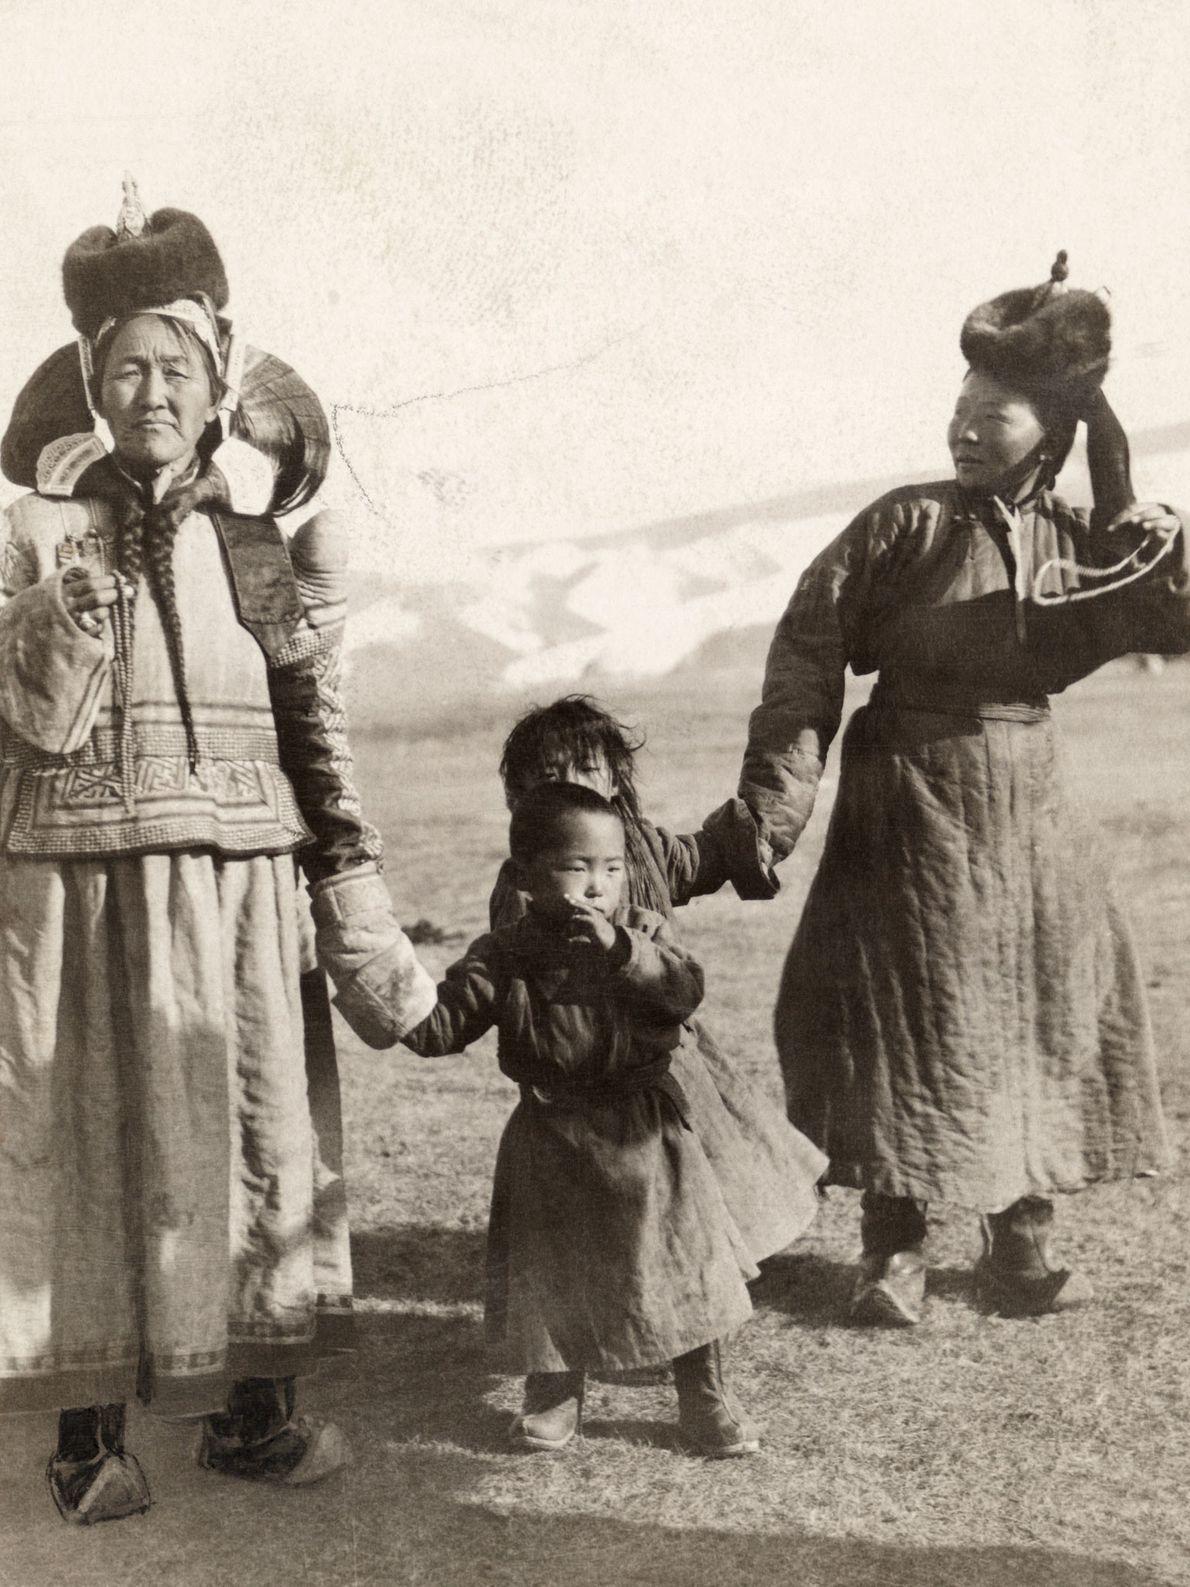 Im Norden der Mongolei laufen zwei Frauen Hand in Hand mit Kindern.